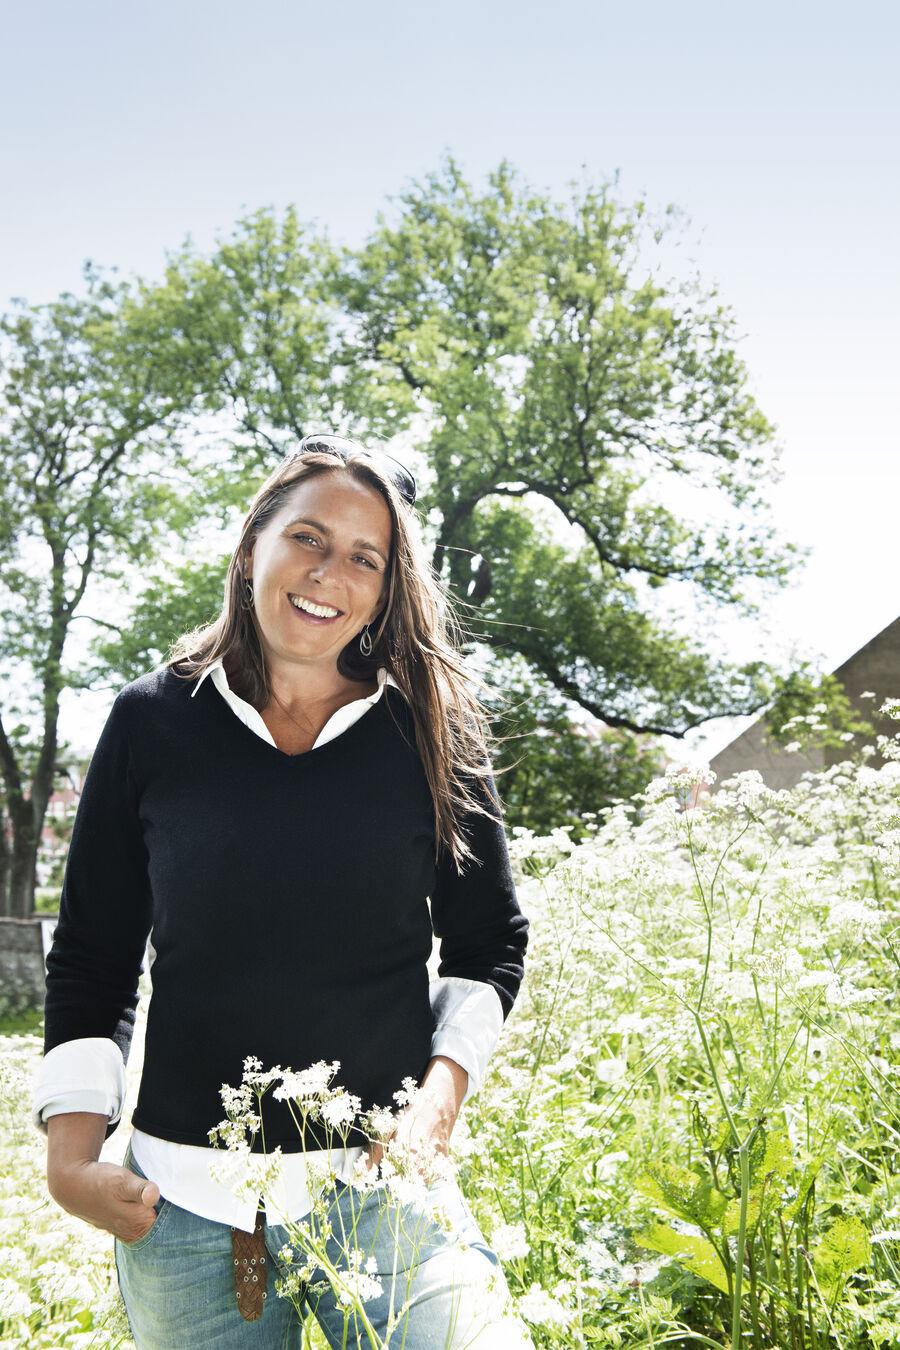 Hvis dit nytårsforsæt går ud på at være sundere, så deltag i foredraget med Anne Annemad Hjernøe i januar